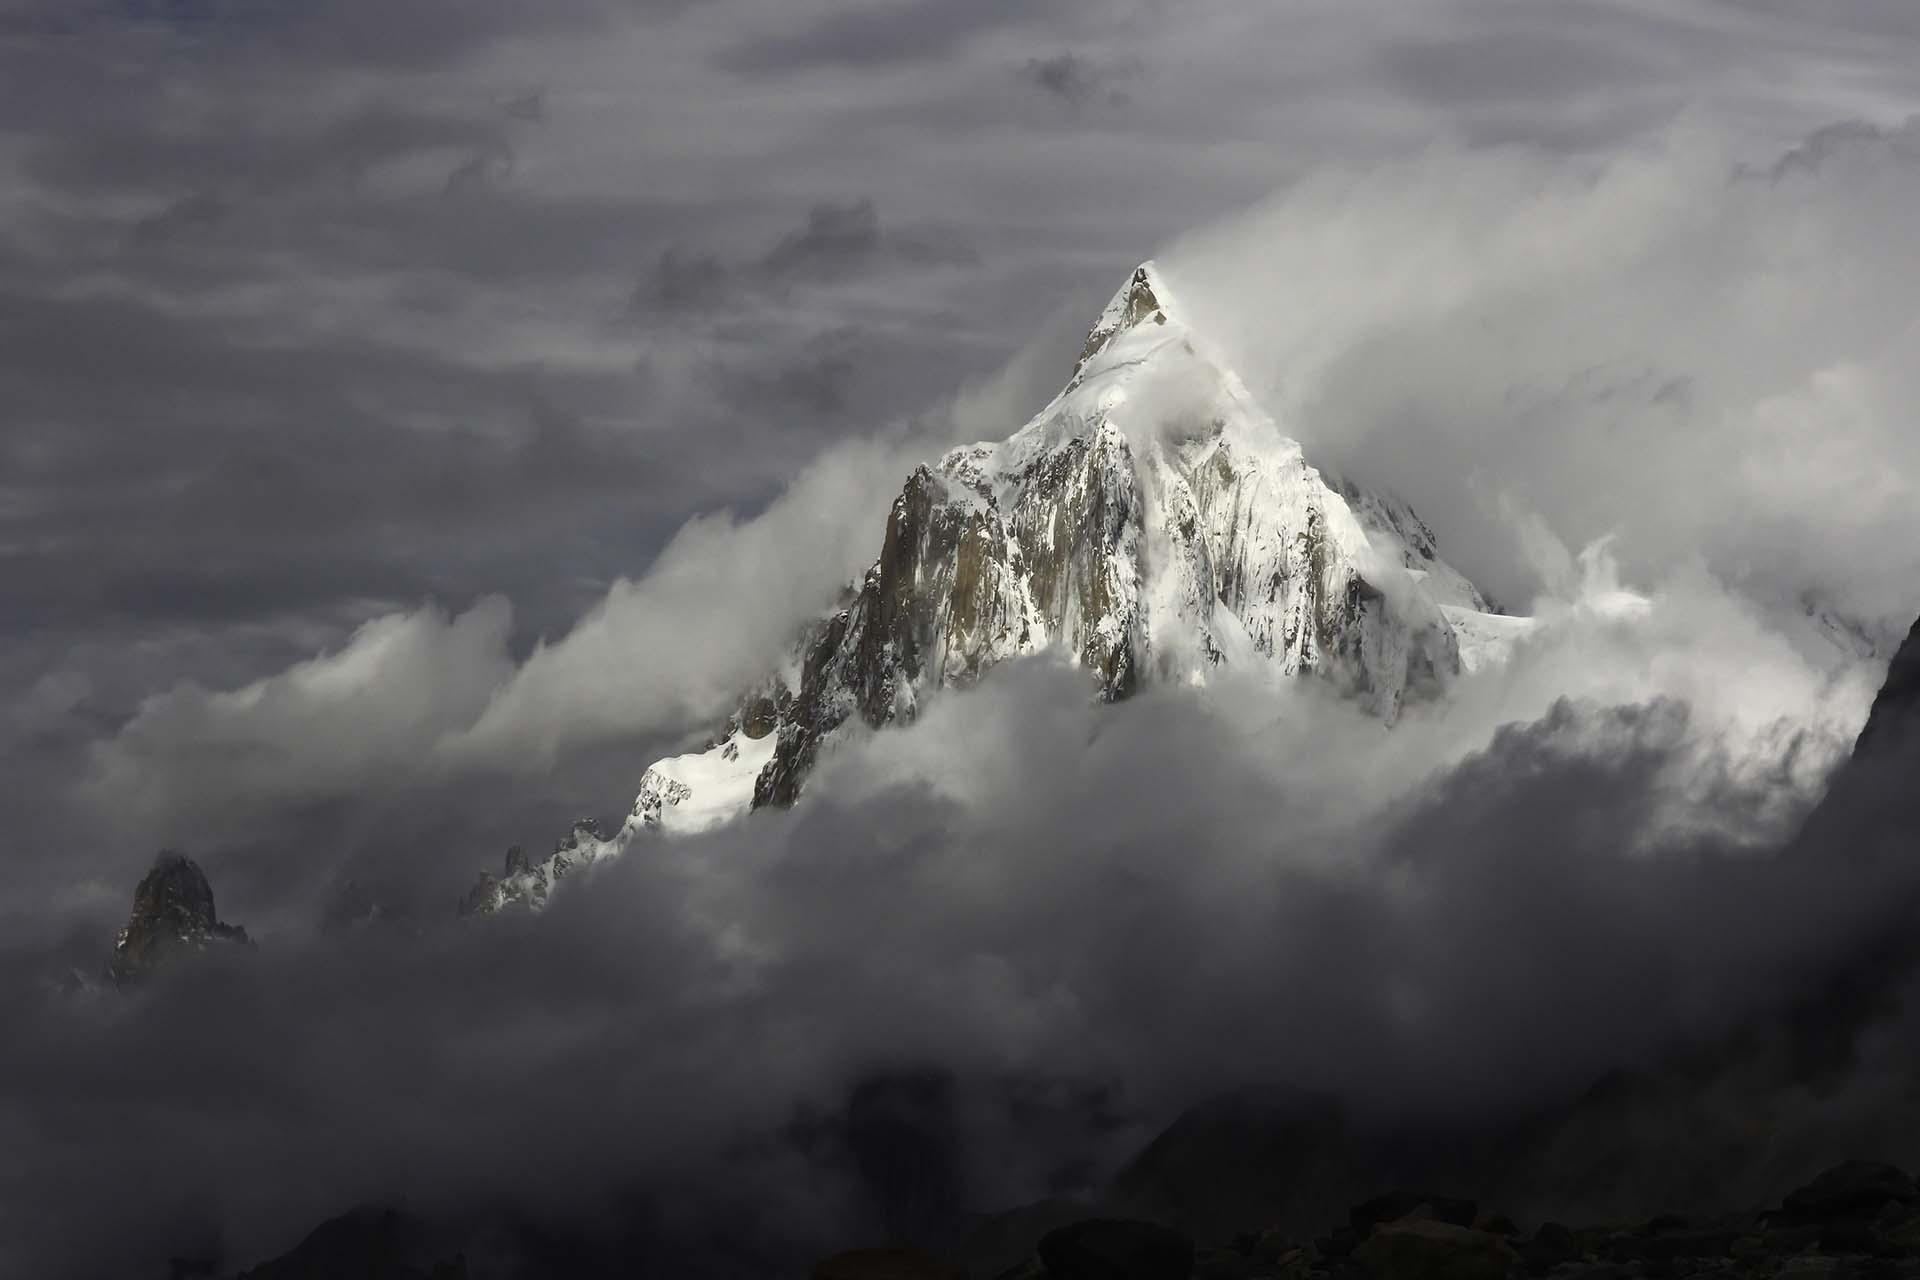 En 1953, el glaciar Kutiah en Pakistán estableció el récord de la oleada glacial más rápida. Mientras que algunos glaciares se mueven muy lentamente a lo largo de décadas, otros se mueven muy rápido, lo que se denomina un aumento glacial. Una oleada ocurre cuando el flujo es al menos 10 veces más rápido (pero a menudo cientos de veces más rápido) que el ritmo habitual de un glaciar